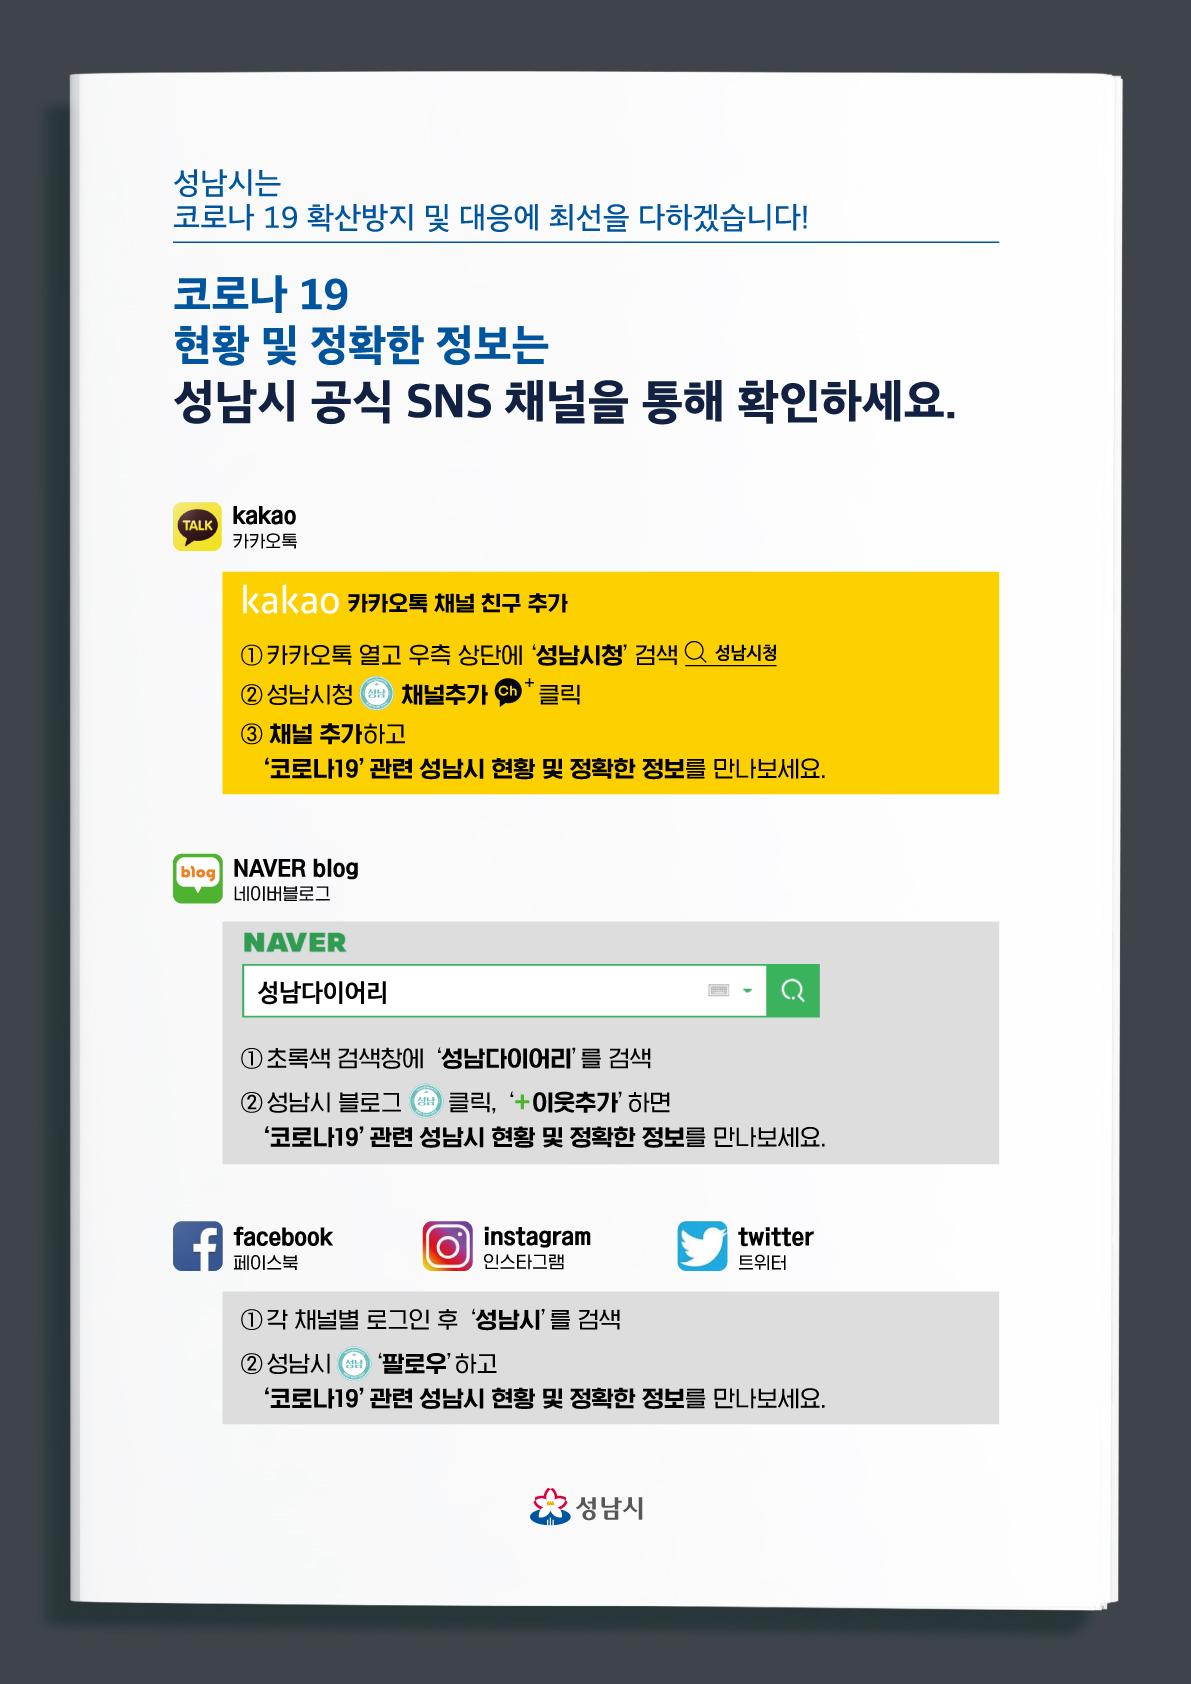 코로나19 현황 및 정보는 성남시 공식 SNS 채널을 통해 확인하세요